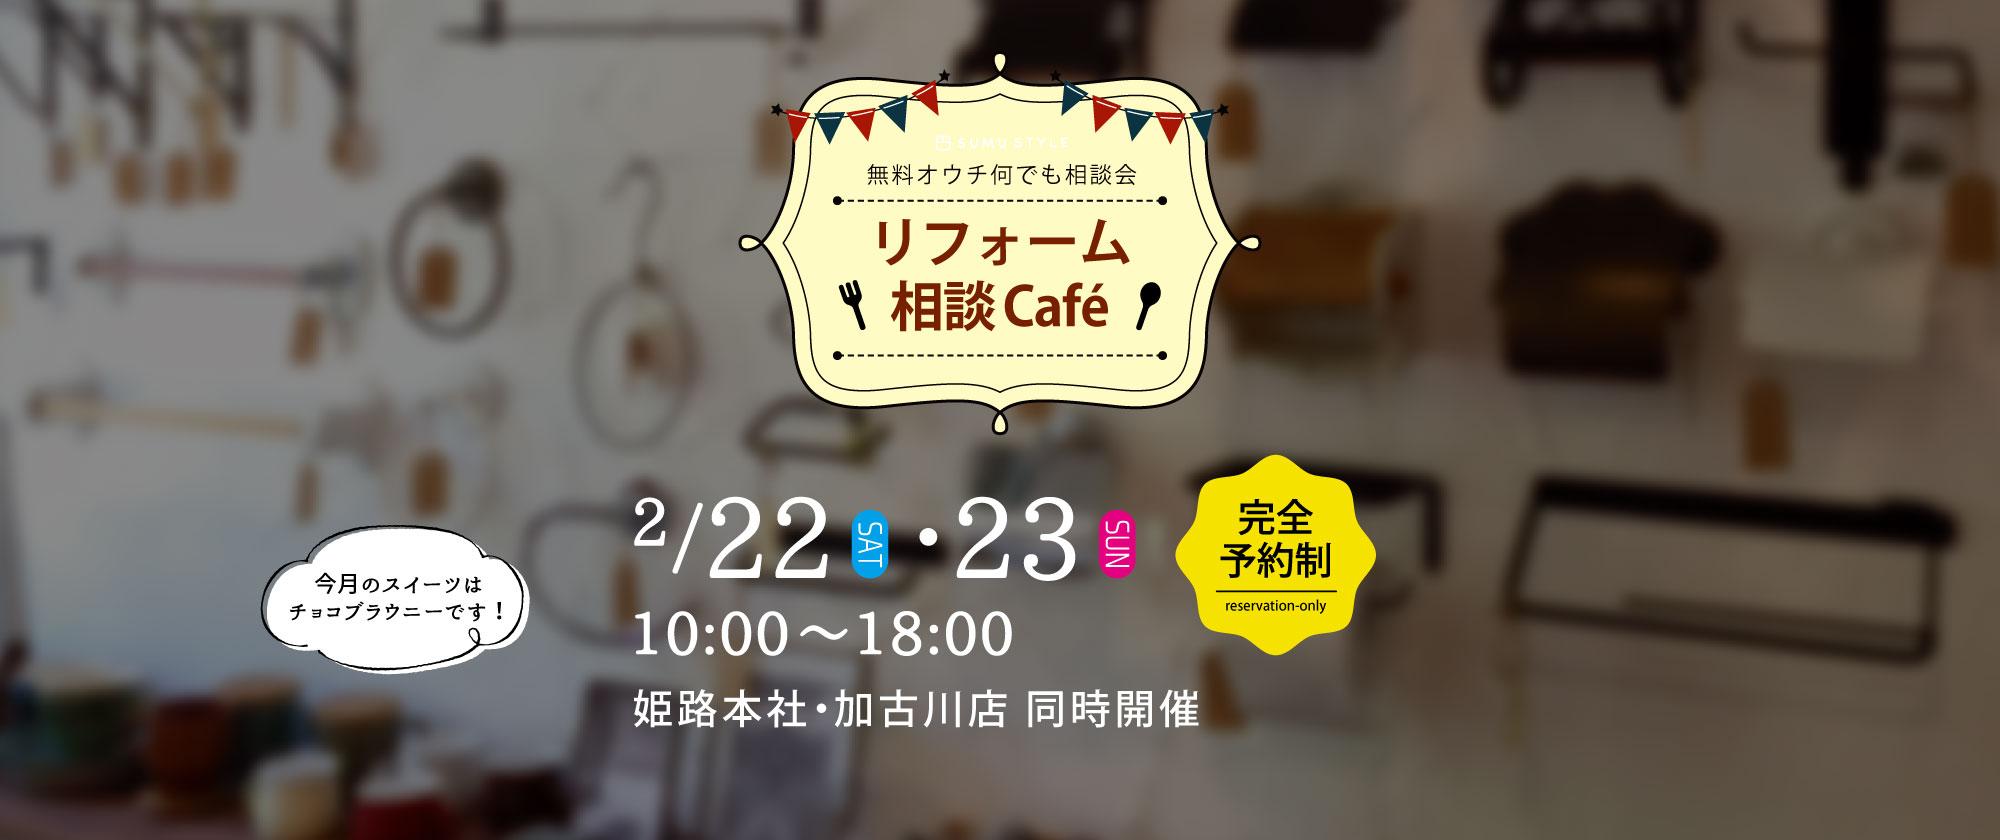 リフォーム相談Cafe